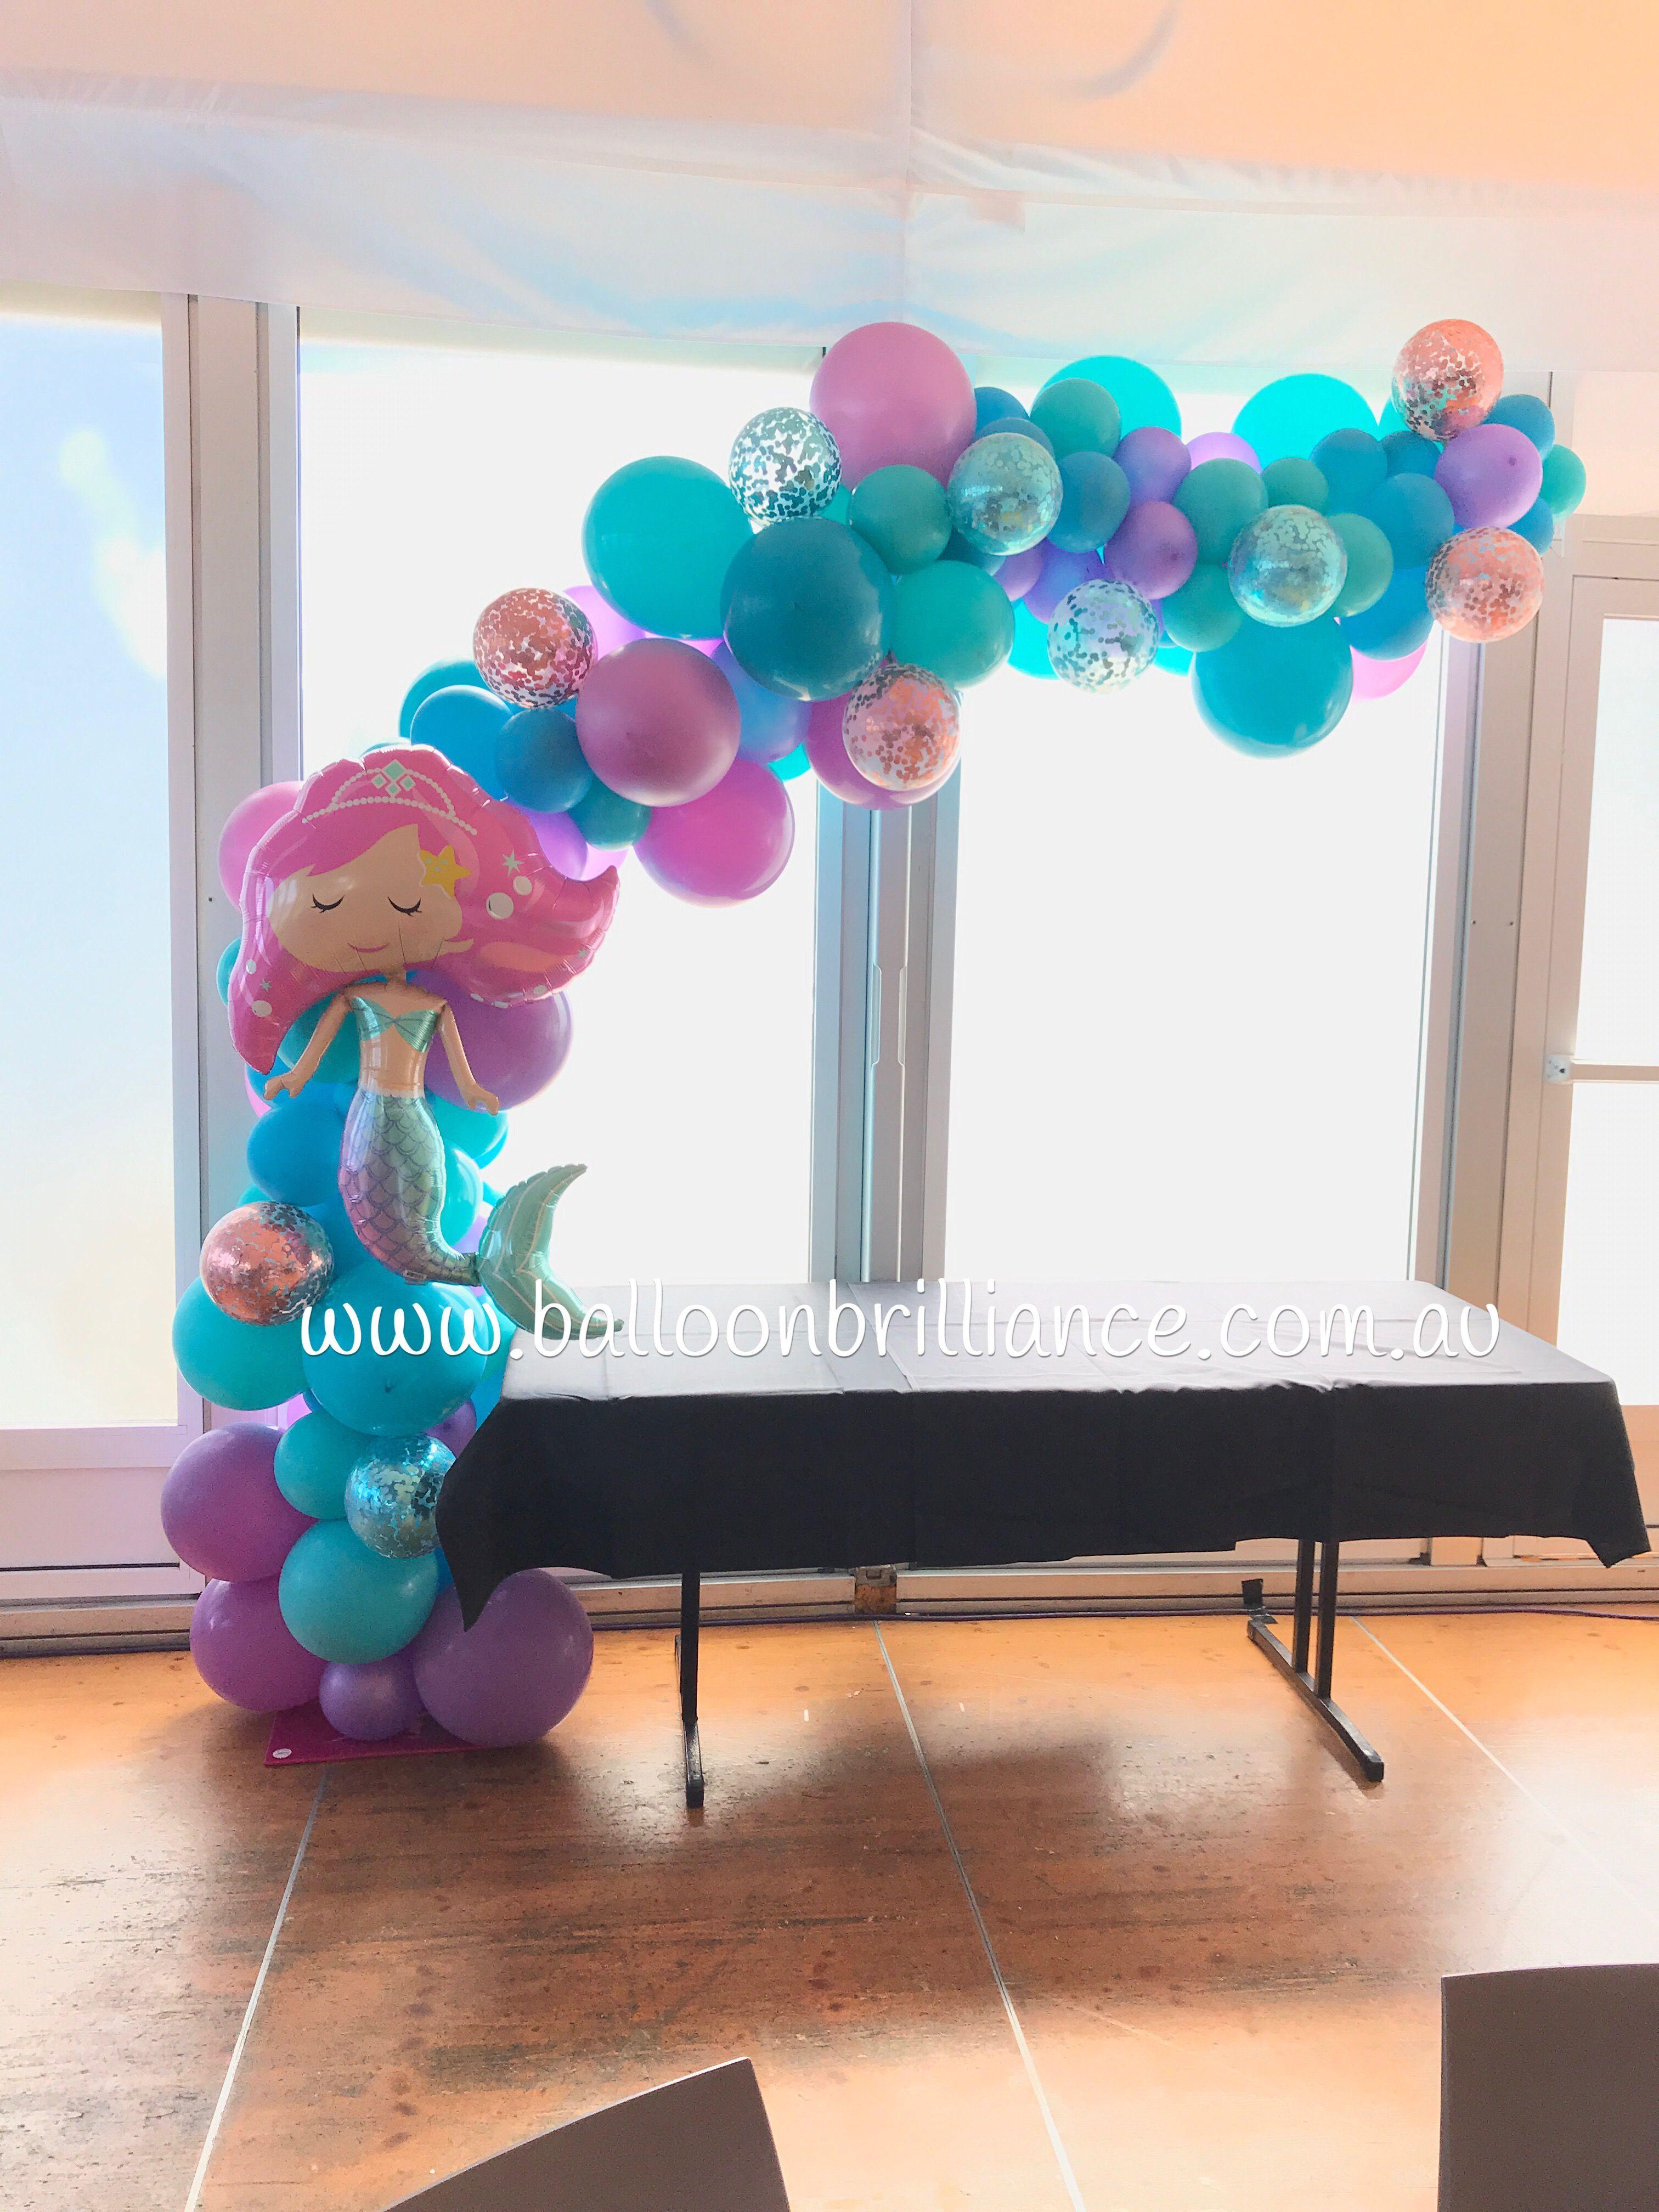 Pin de boombox en globos cumplea os de sirena fiestas - Globos fiesta cumpleanos ...